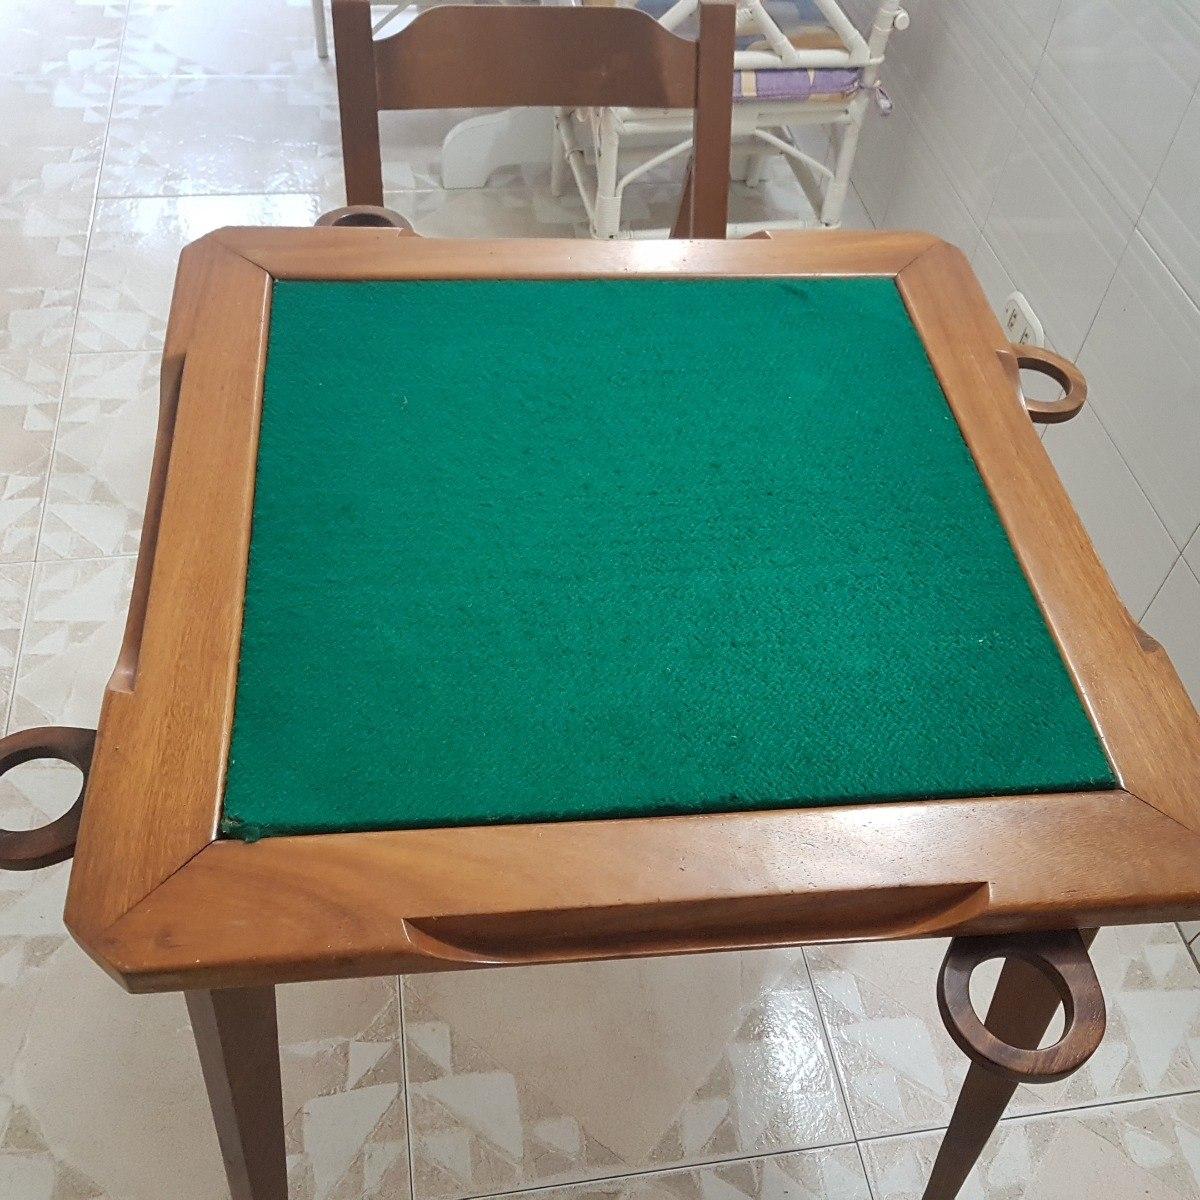 Mesa de madera plegable para jugar domino con sus 4 sillas bs en mercado libre - Mesas plegables de pared ...